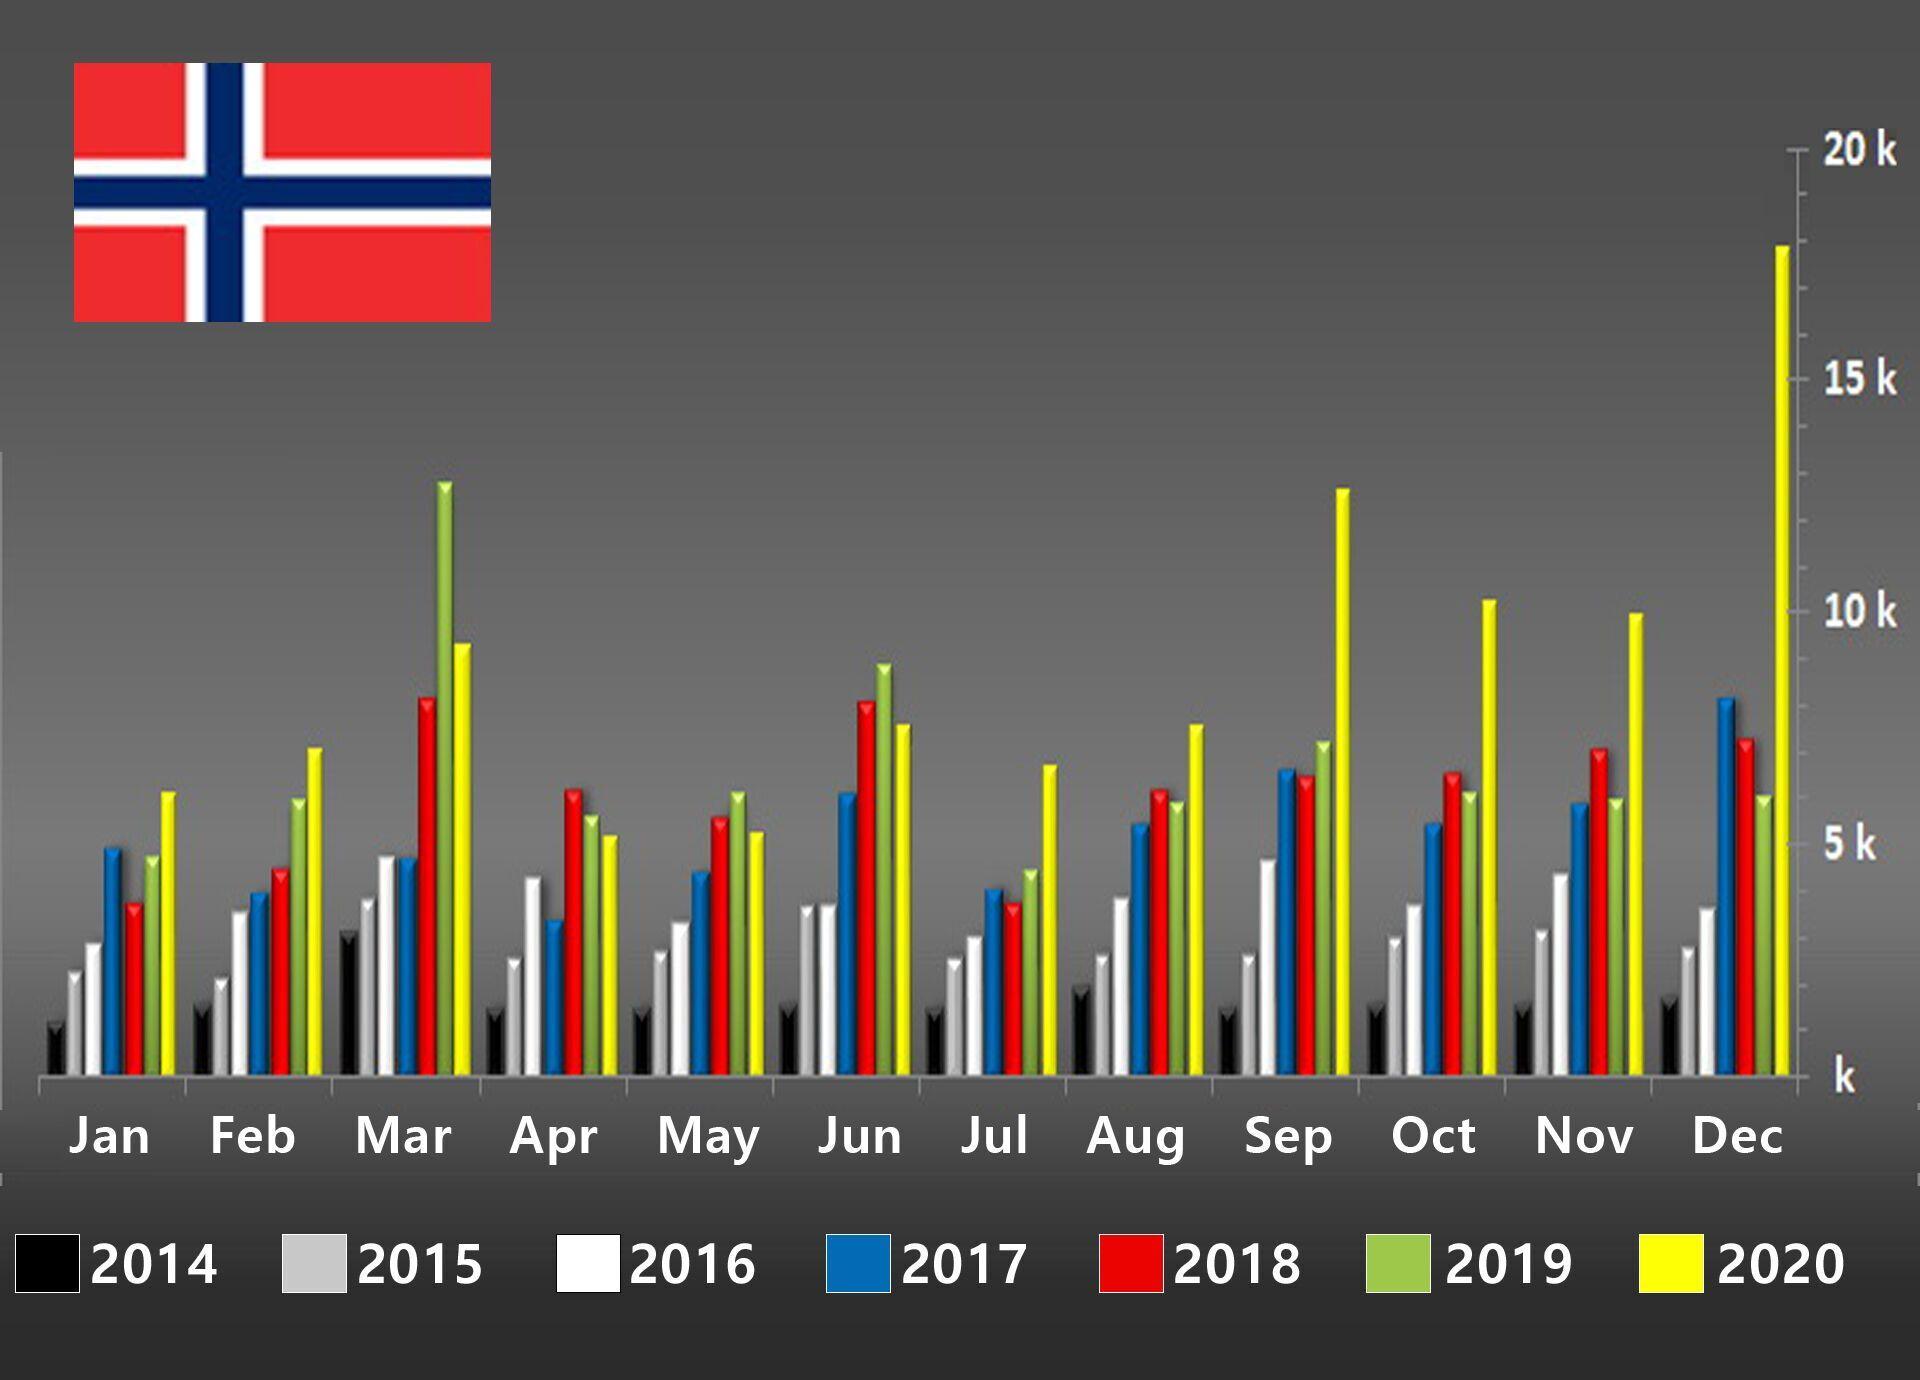 Динаміка продажів електромобілів та гібридів у Норвегії з 2014 до 2020 року